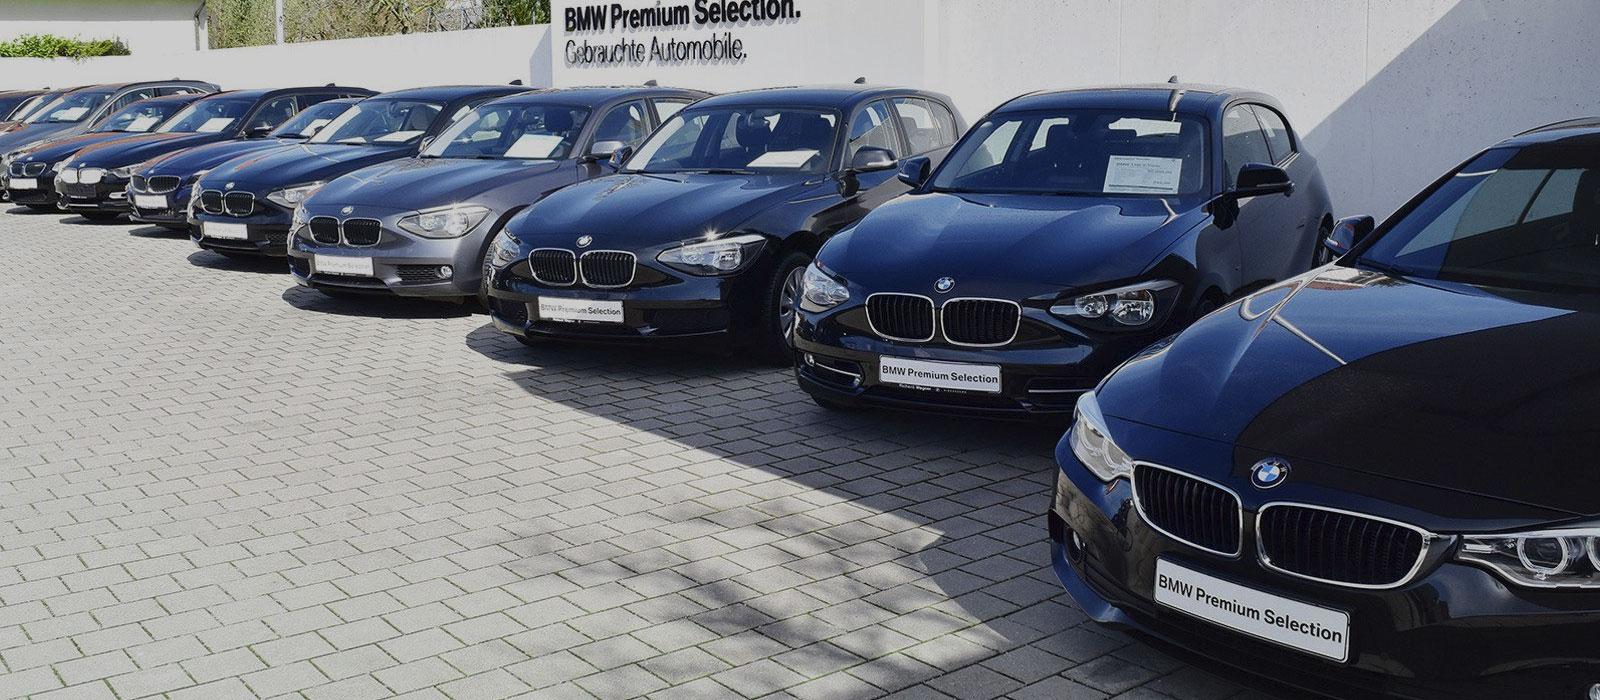 BMW Wagner - Gebrauchtwagen - Premium Selection